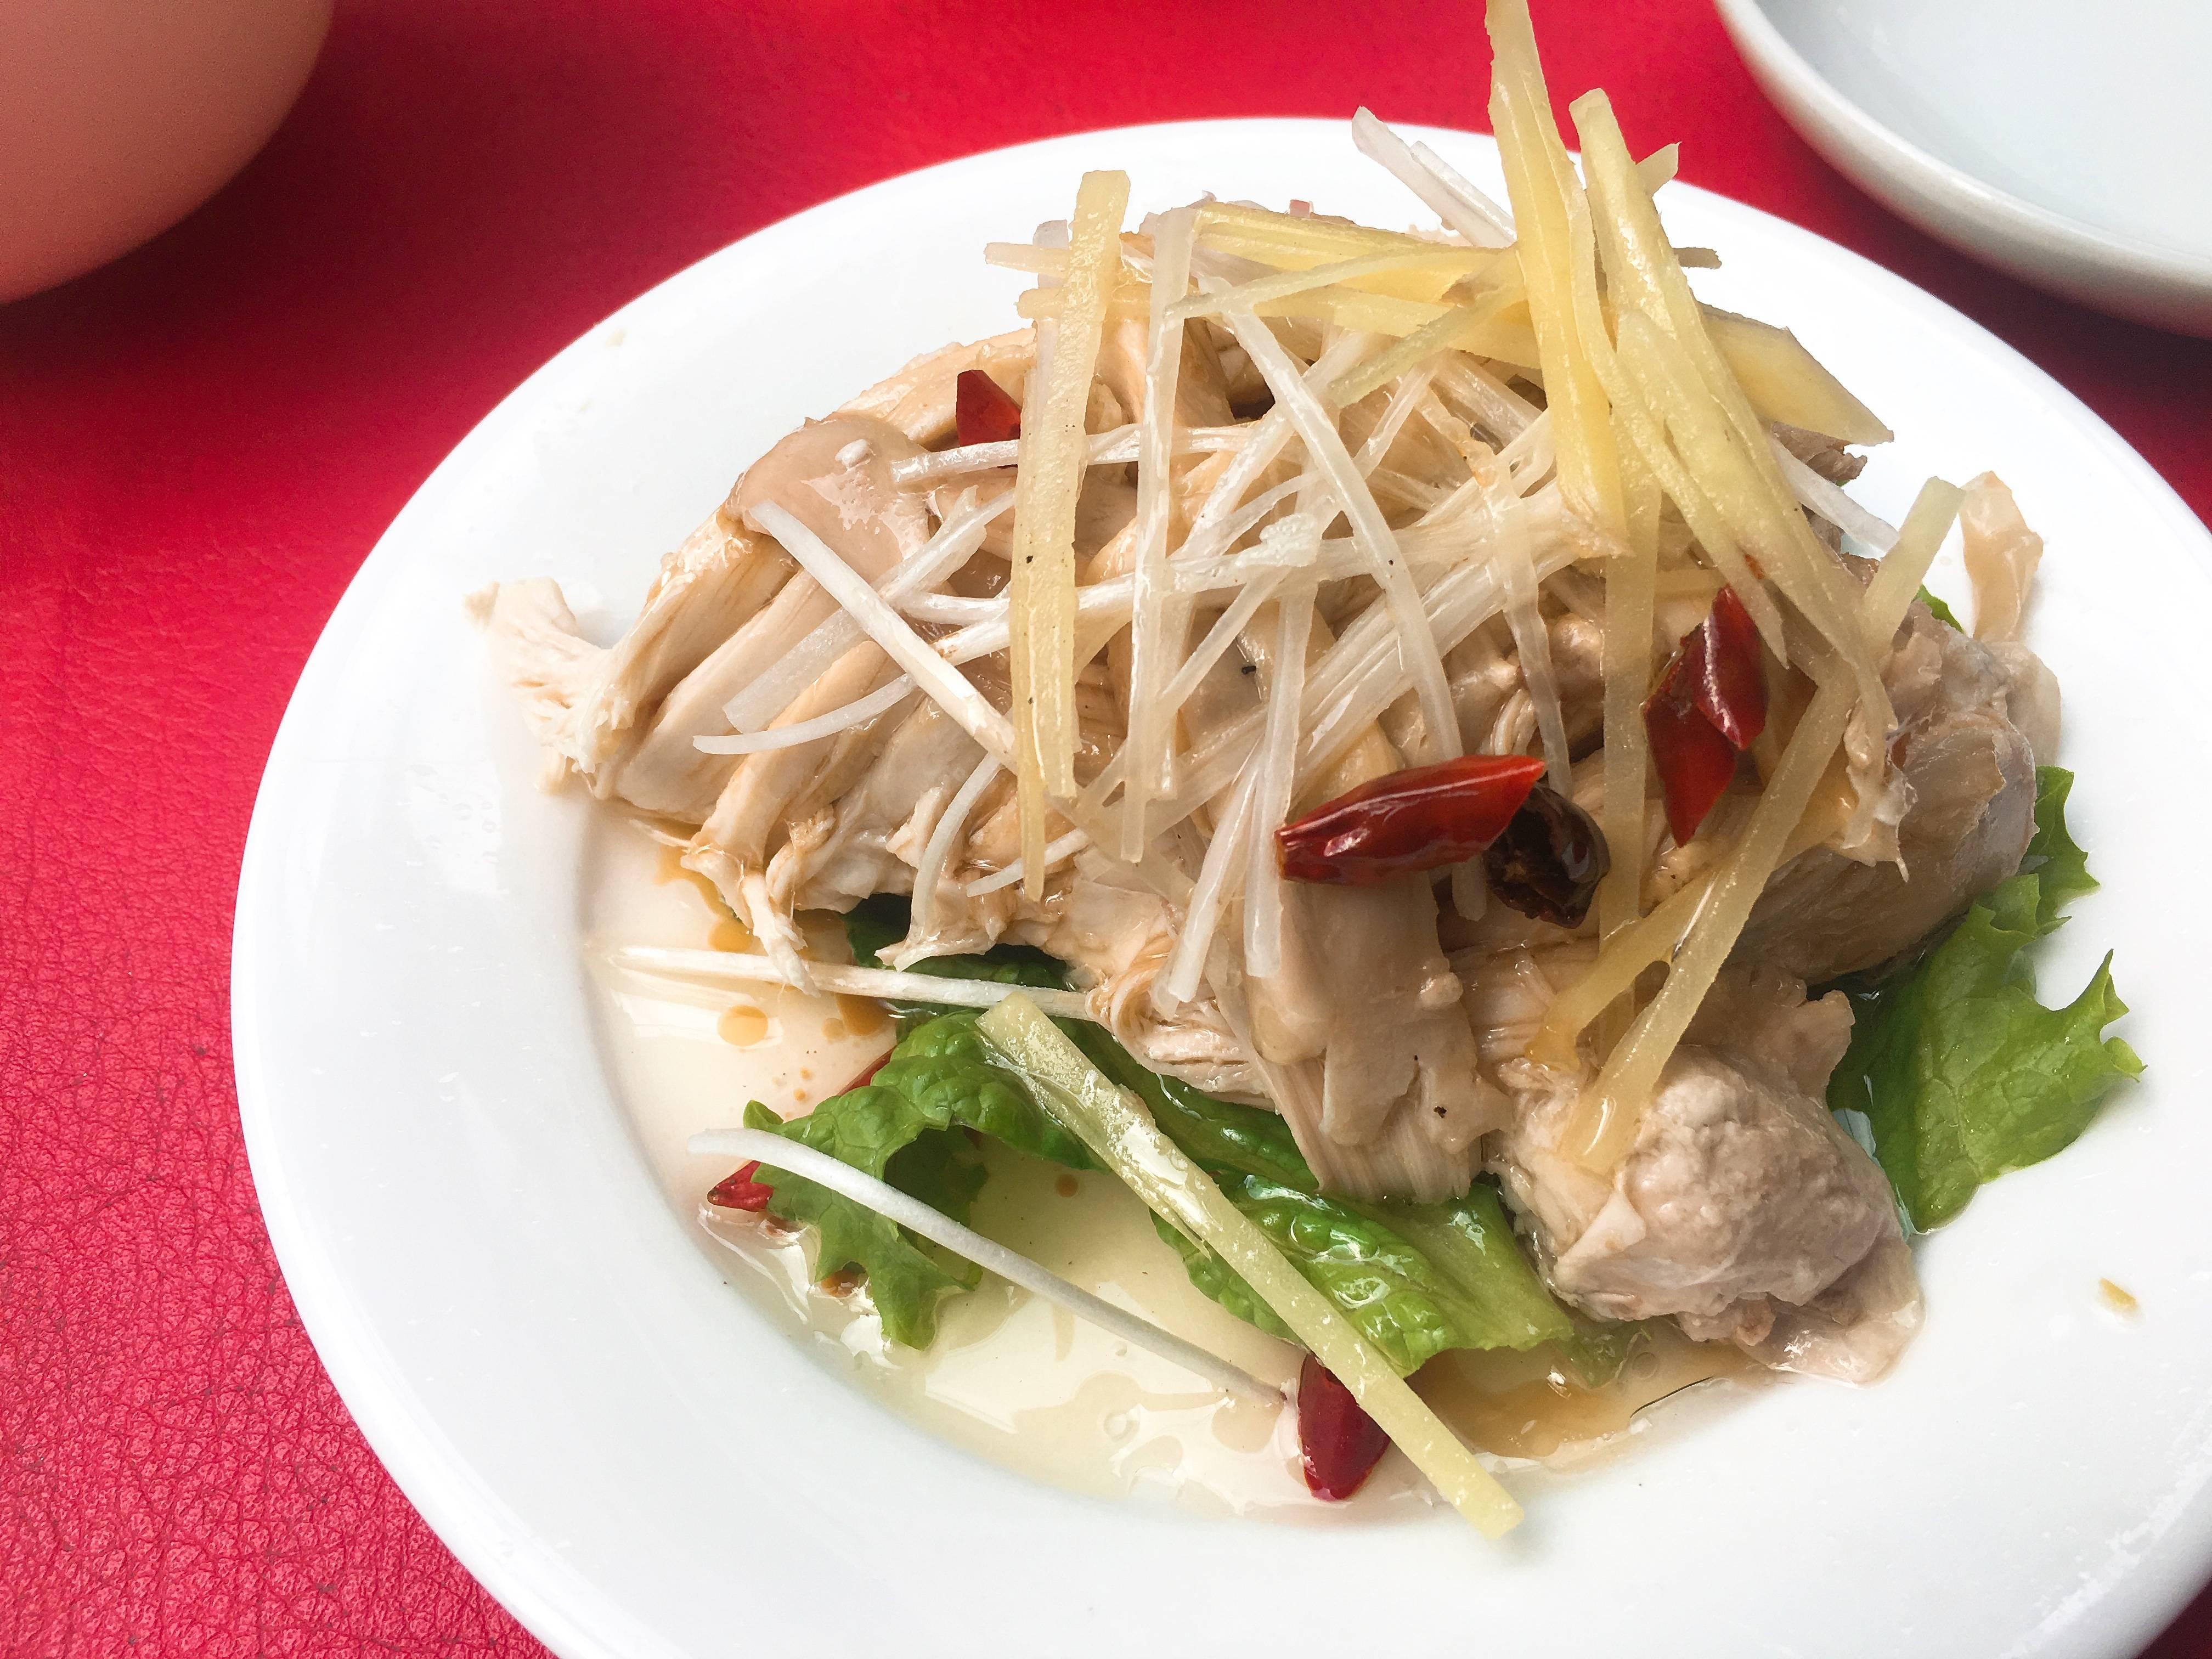 原宿にいながら本格タイ料理を味わえるお店《チャオバンブー》_1_1